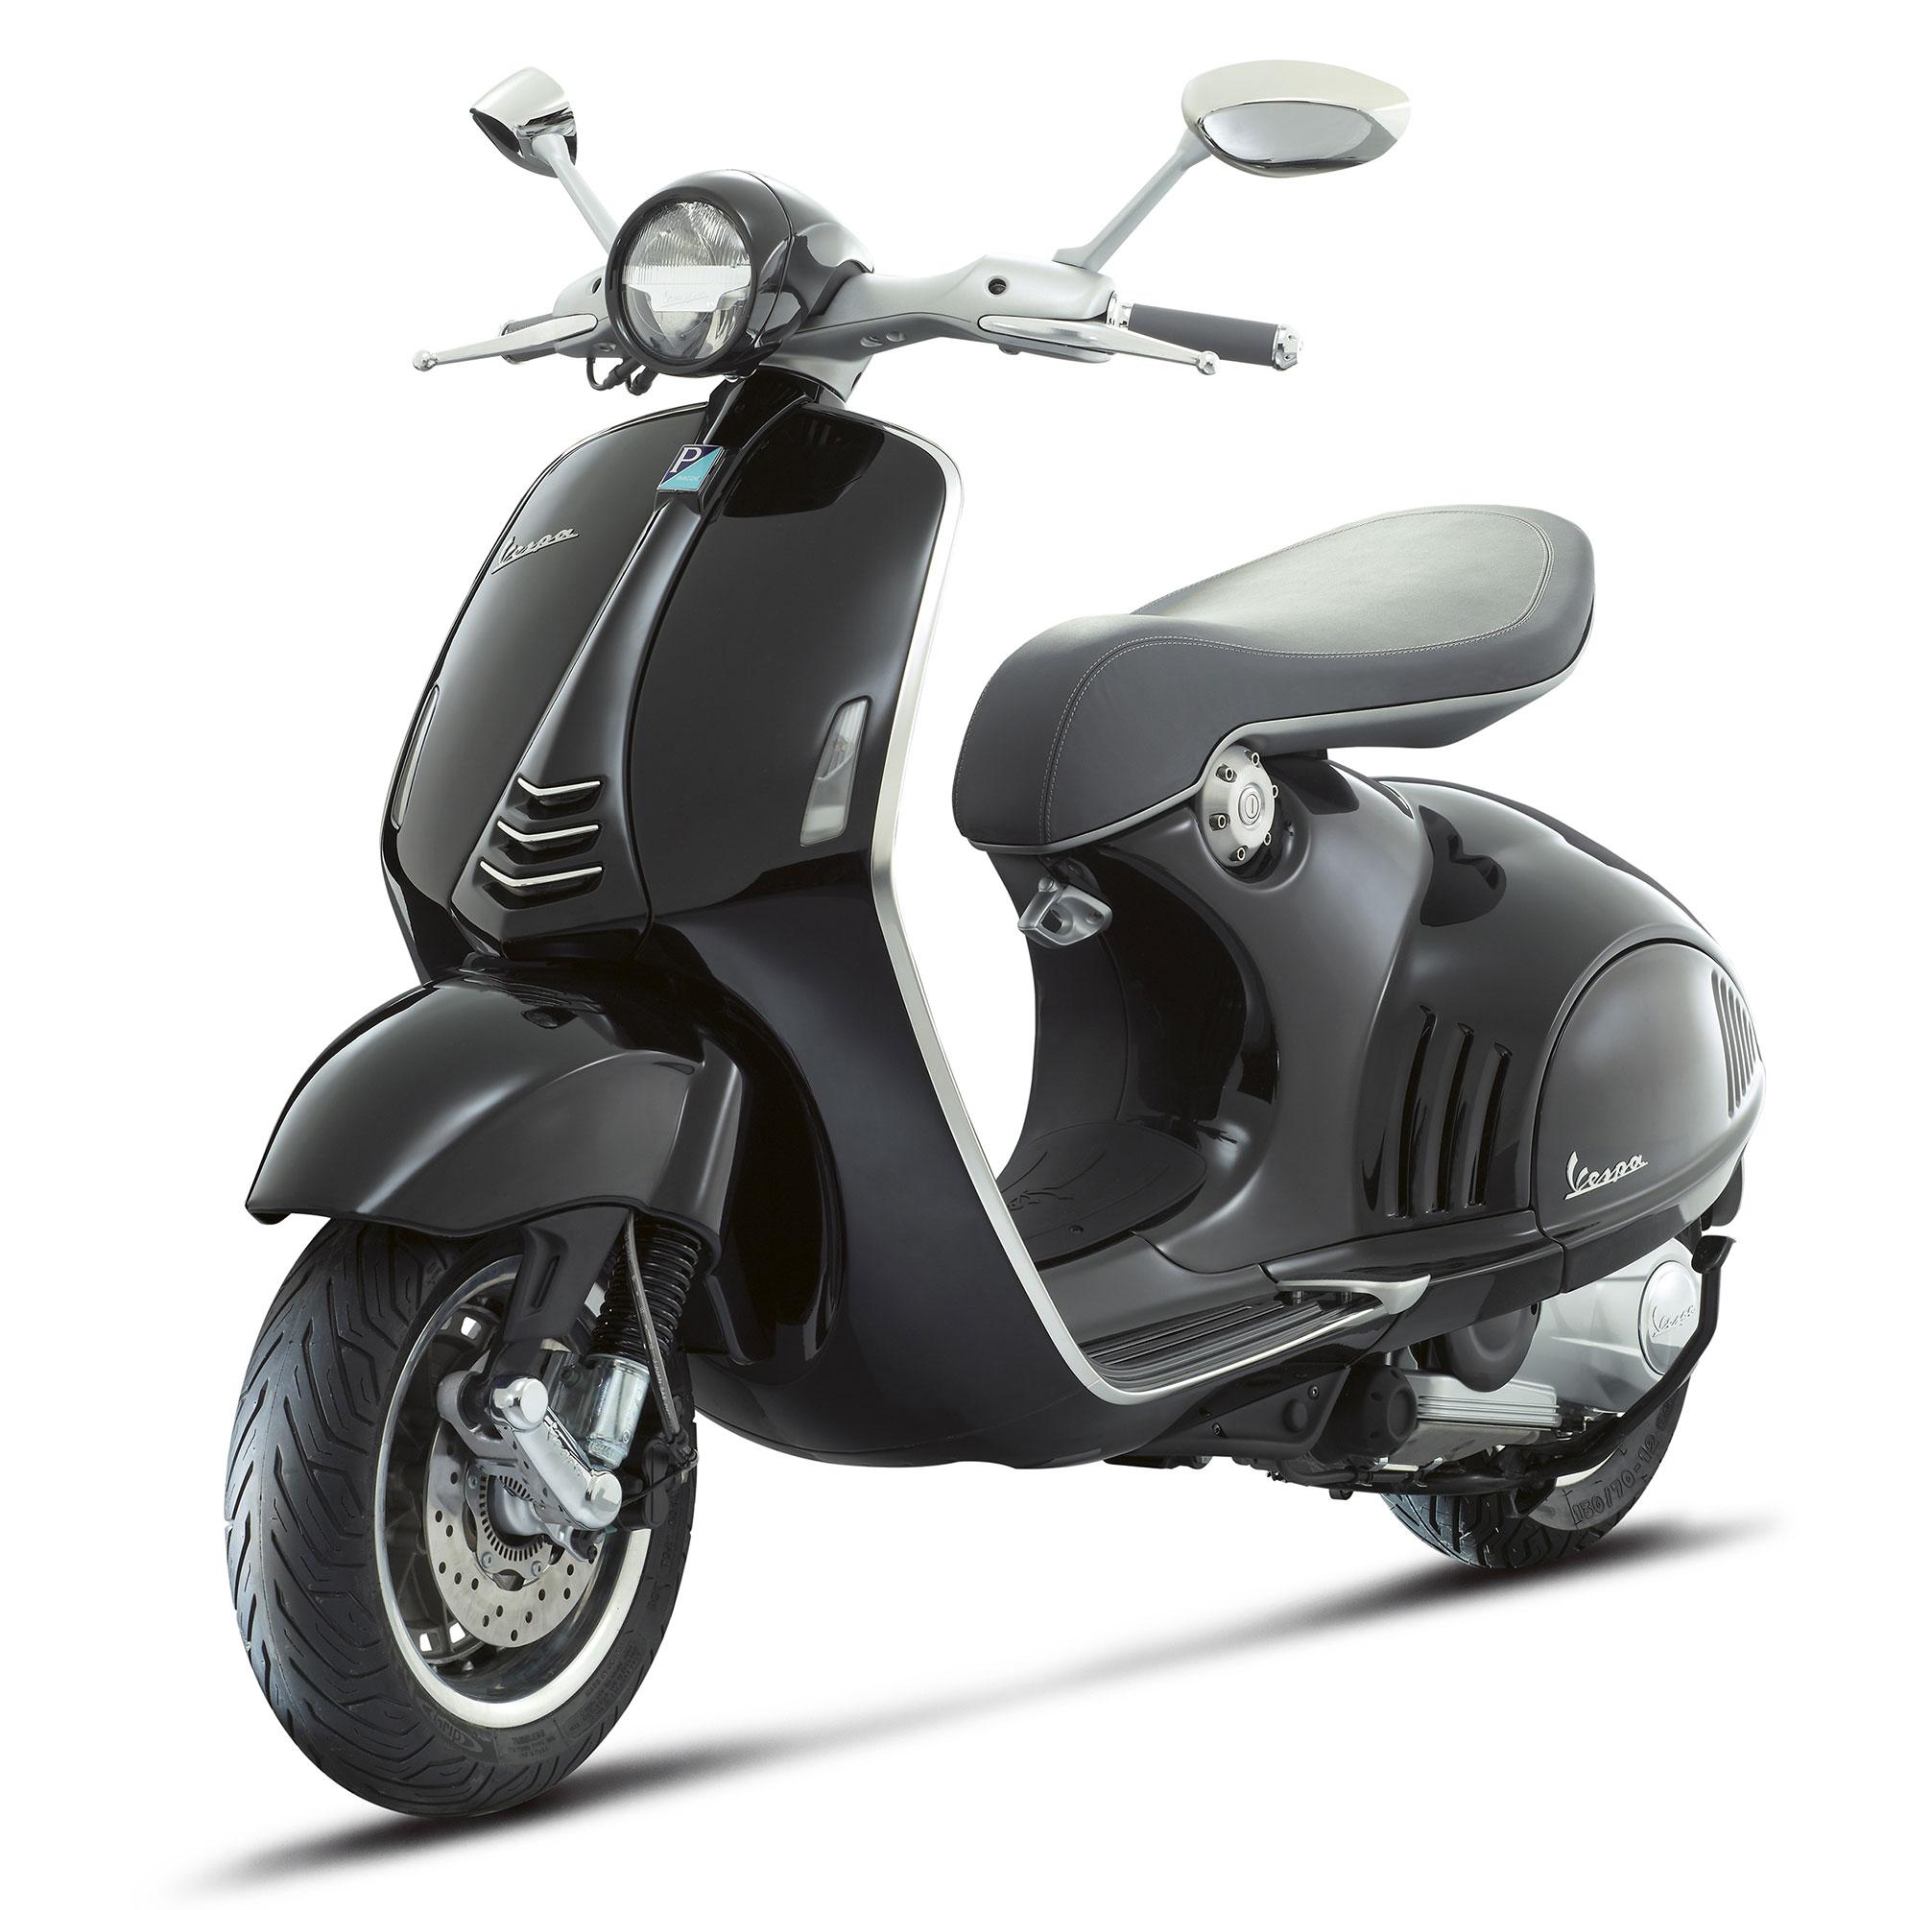 2019 Vespa Elettrica Guide • Total Motorcycle